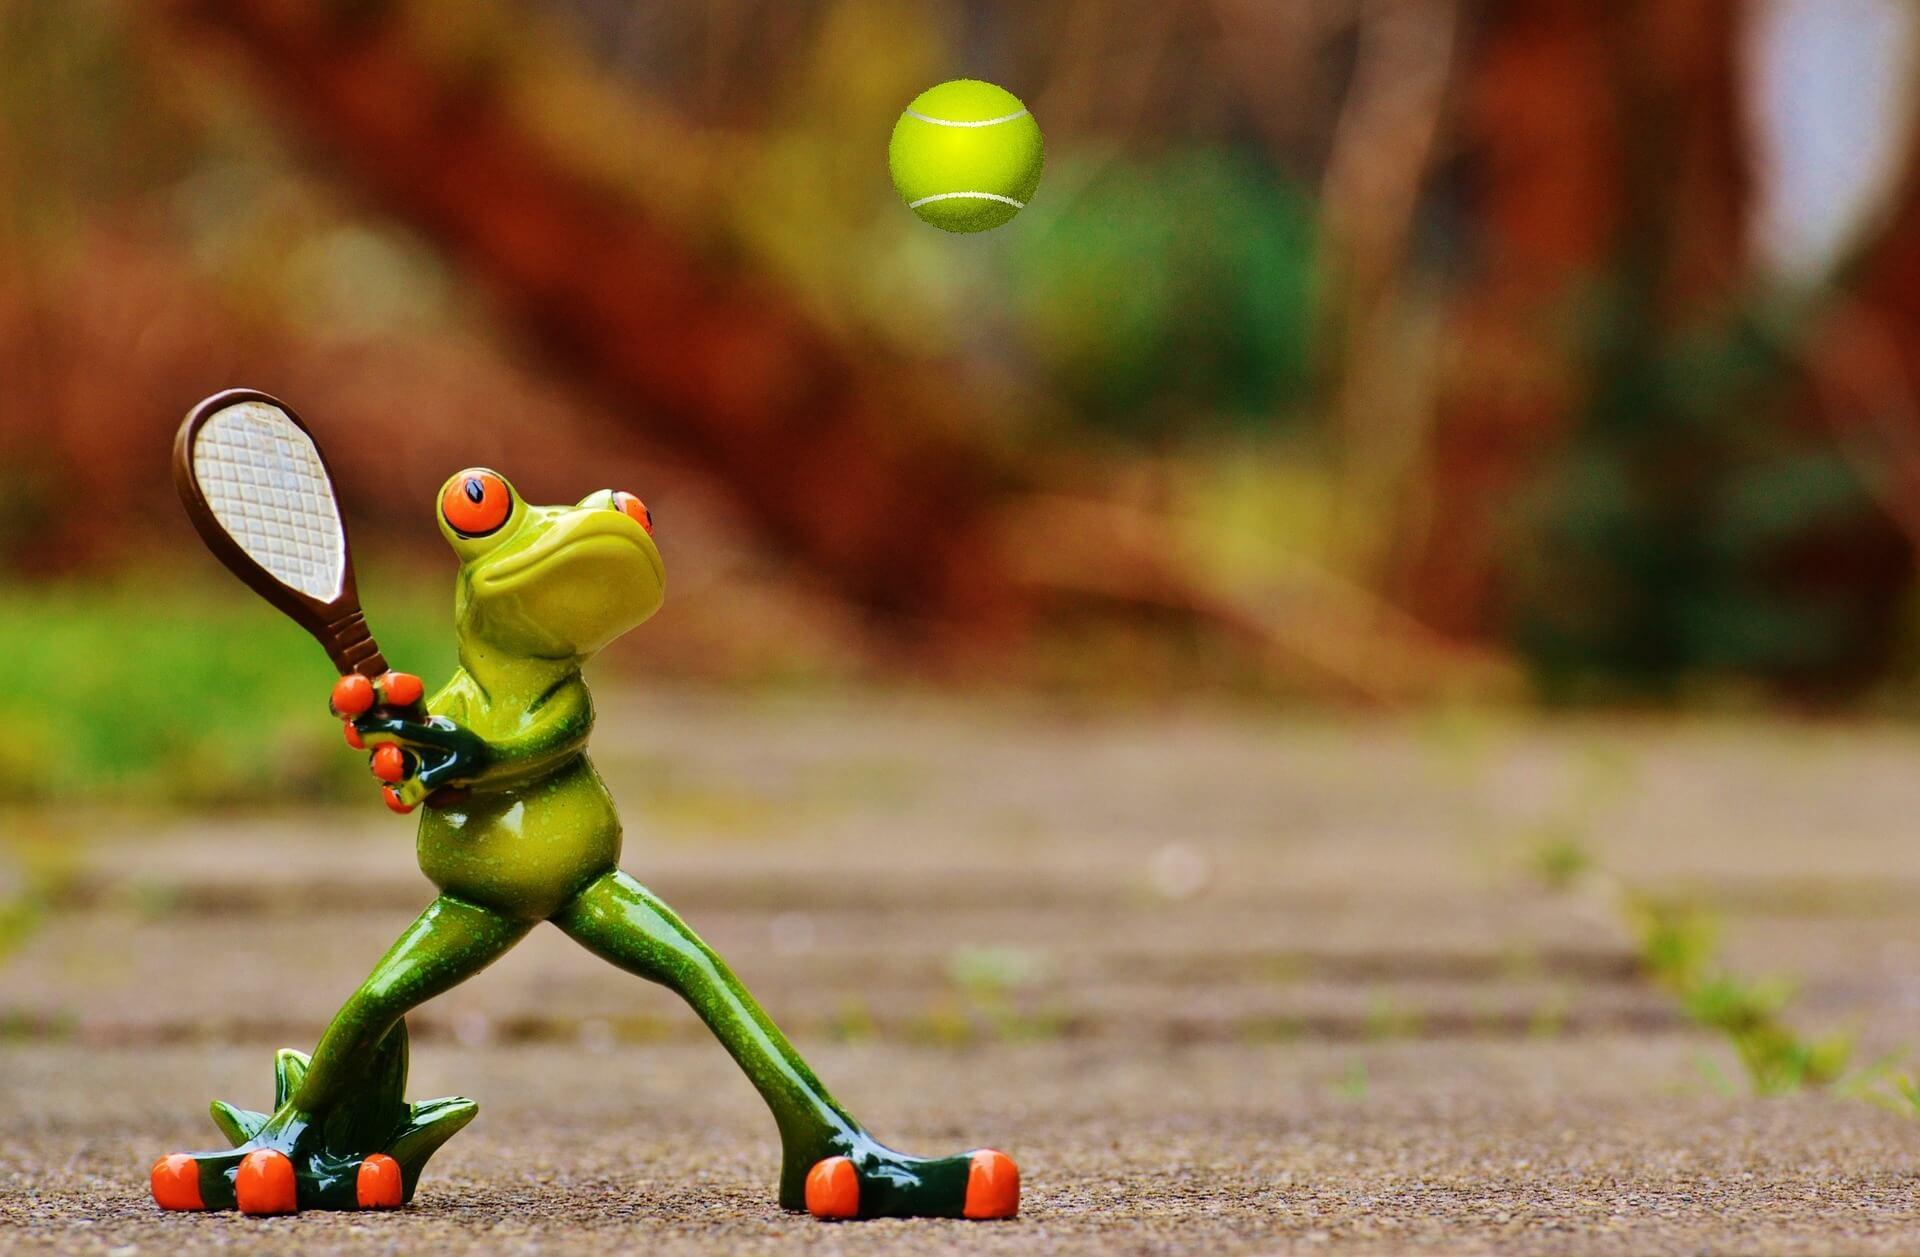 Trikots gerahmt auch von Tennisspielern